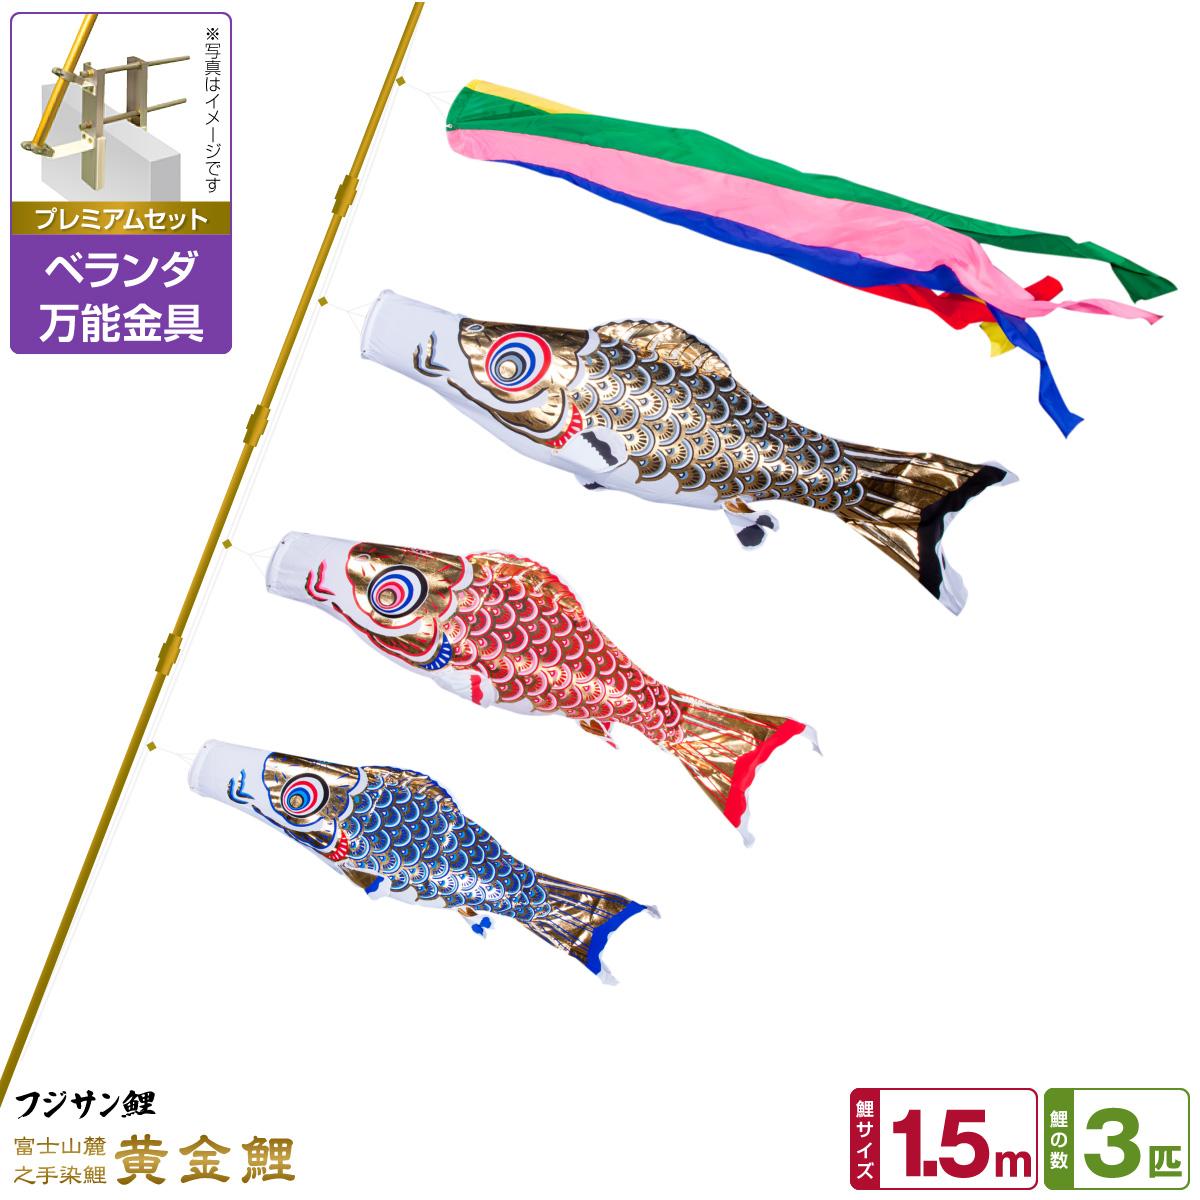 ベランダ用 こいのぼり 鯉のぼり フジサン鯉 黄金鯉 1.5m 6点(吹流し+鯉3匹+矢車+ロープ)/プレミアムセット(万能取付金具)